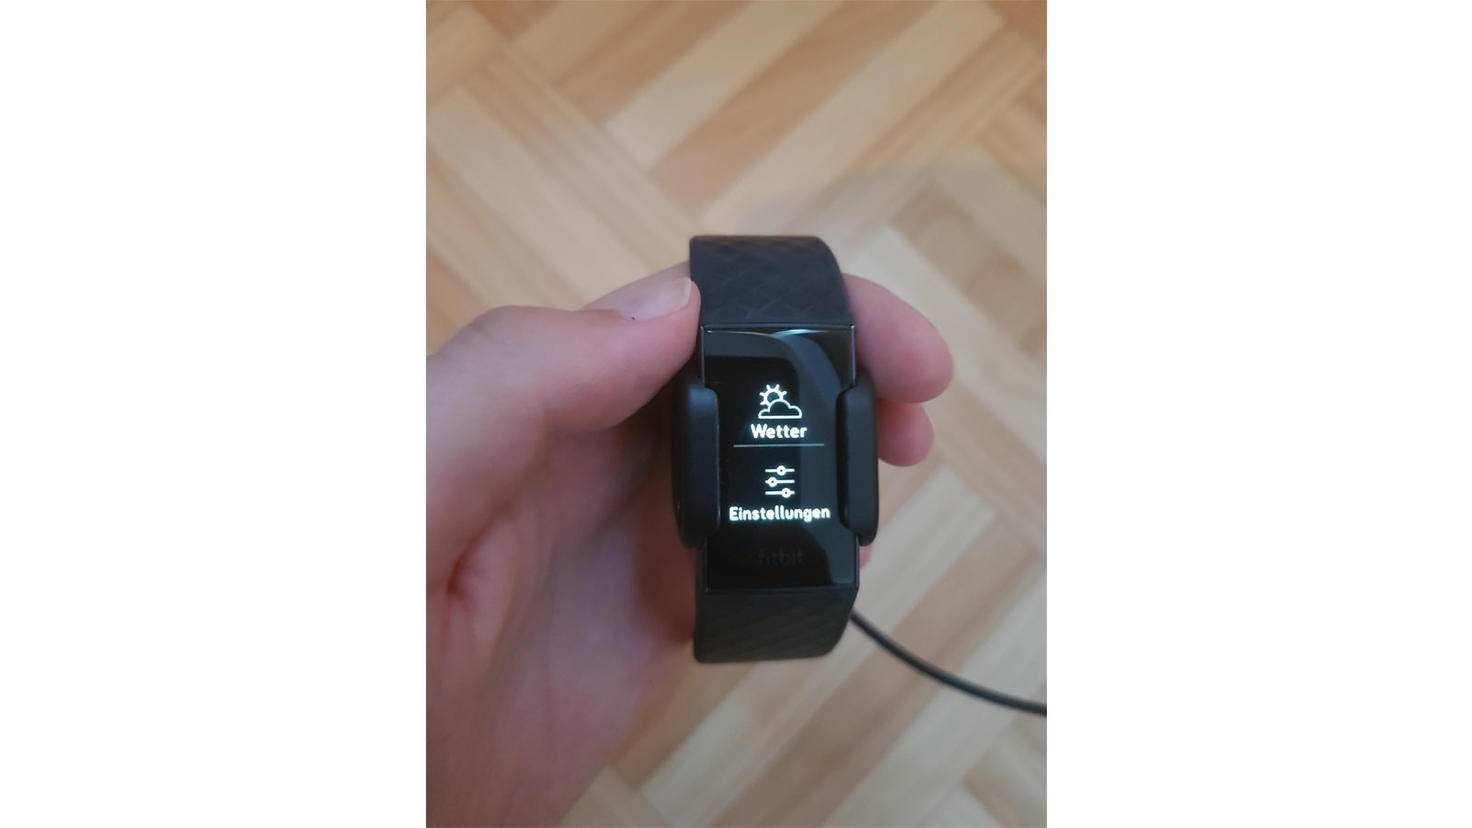 Fitbit Charge 3 Einstellungen